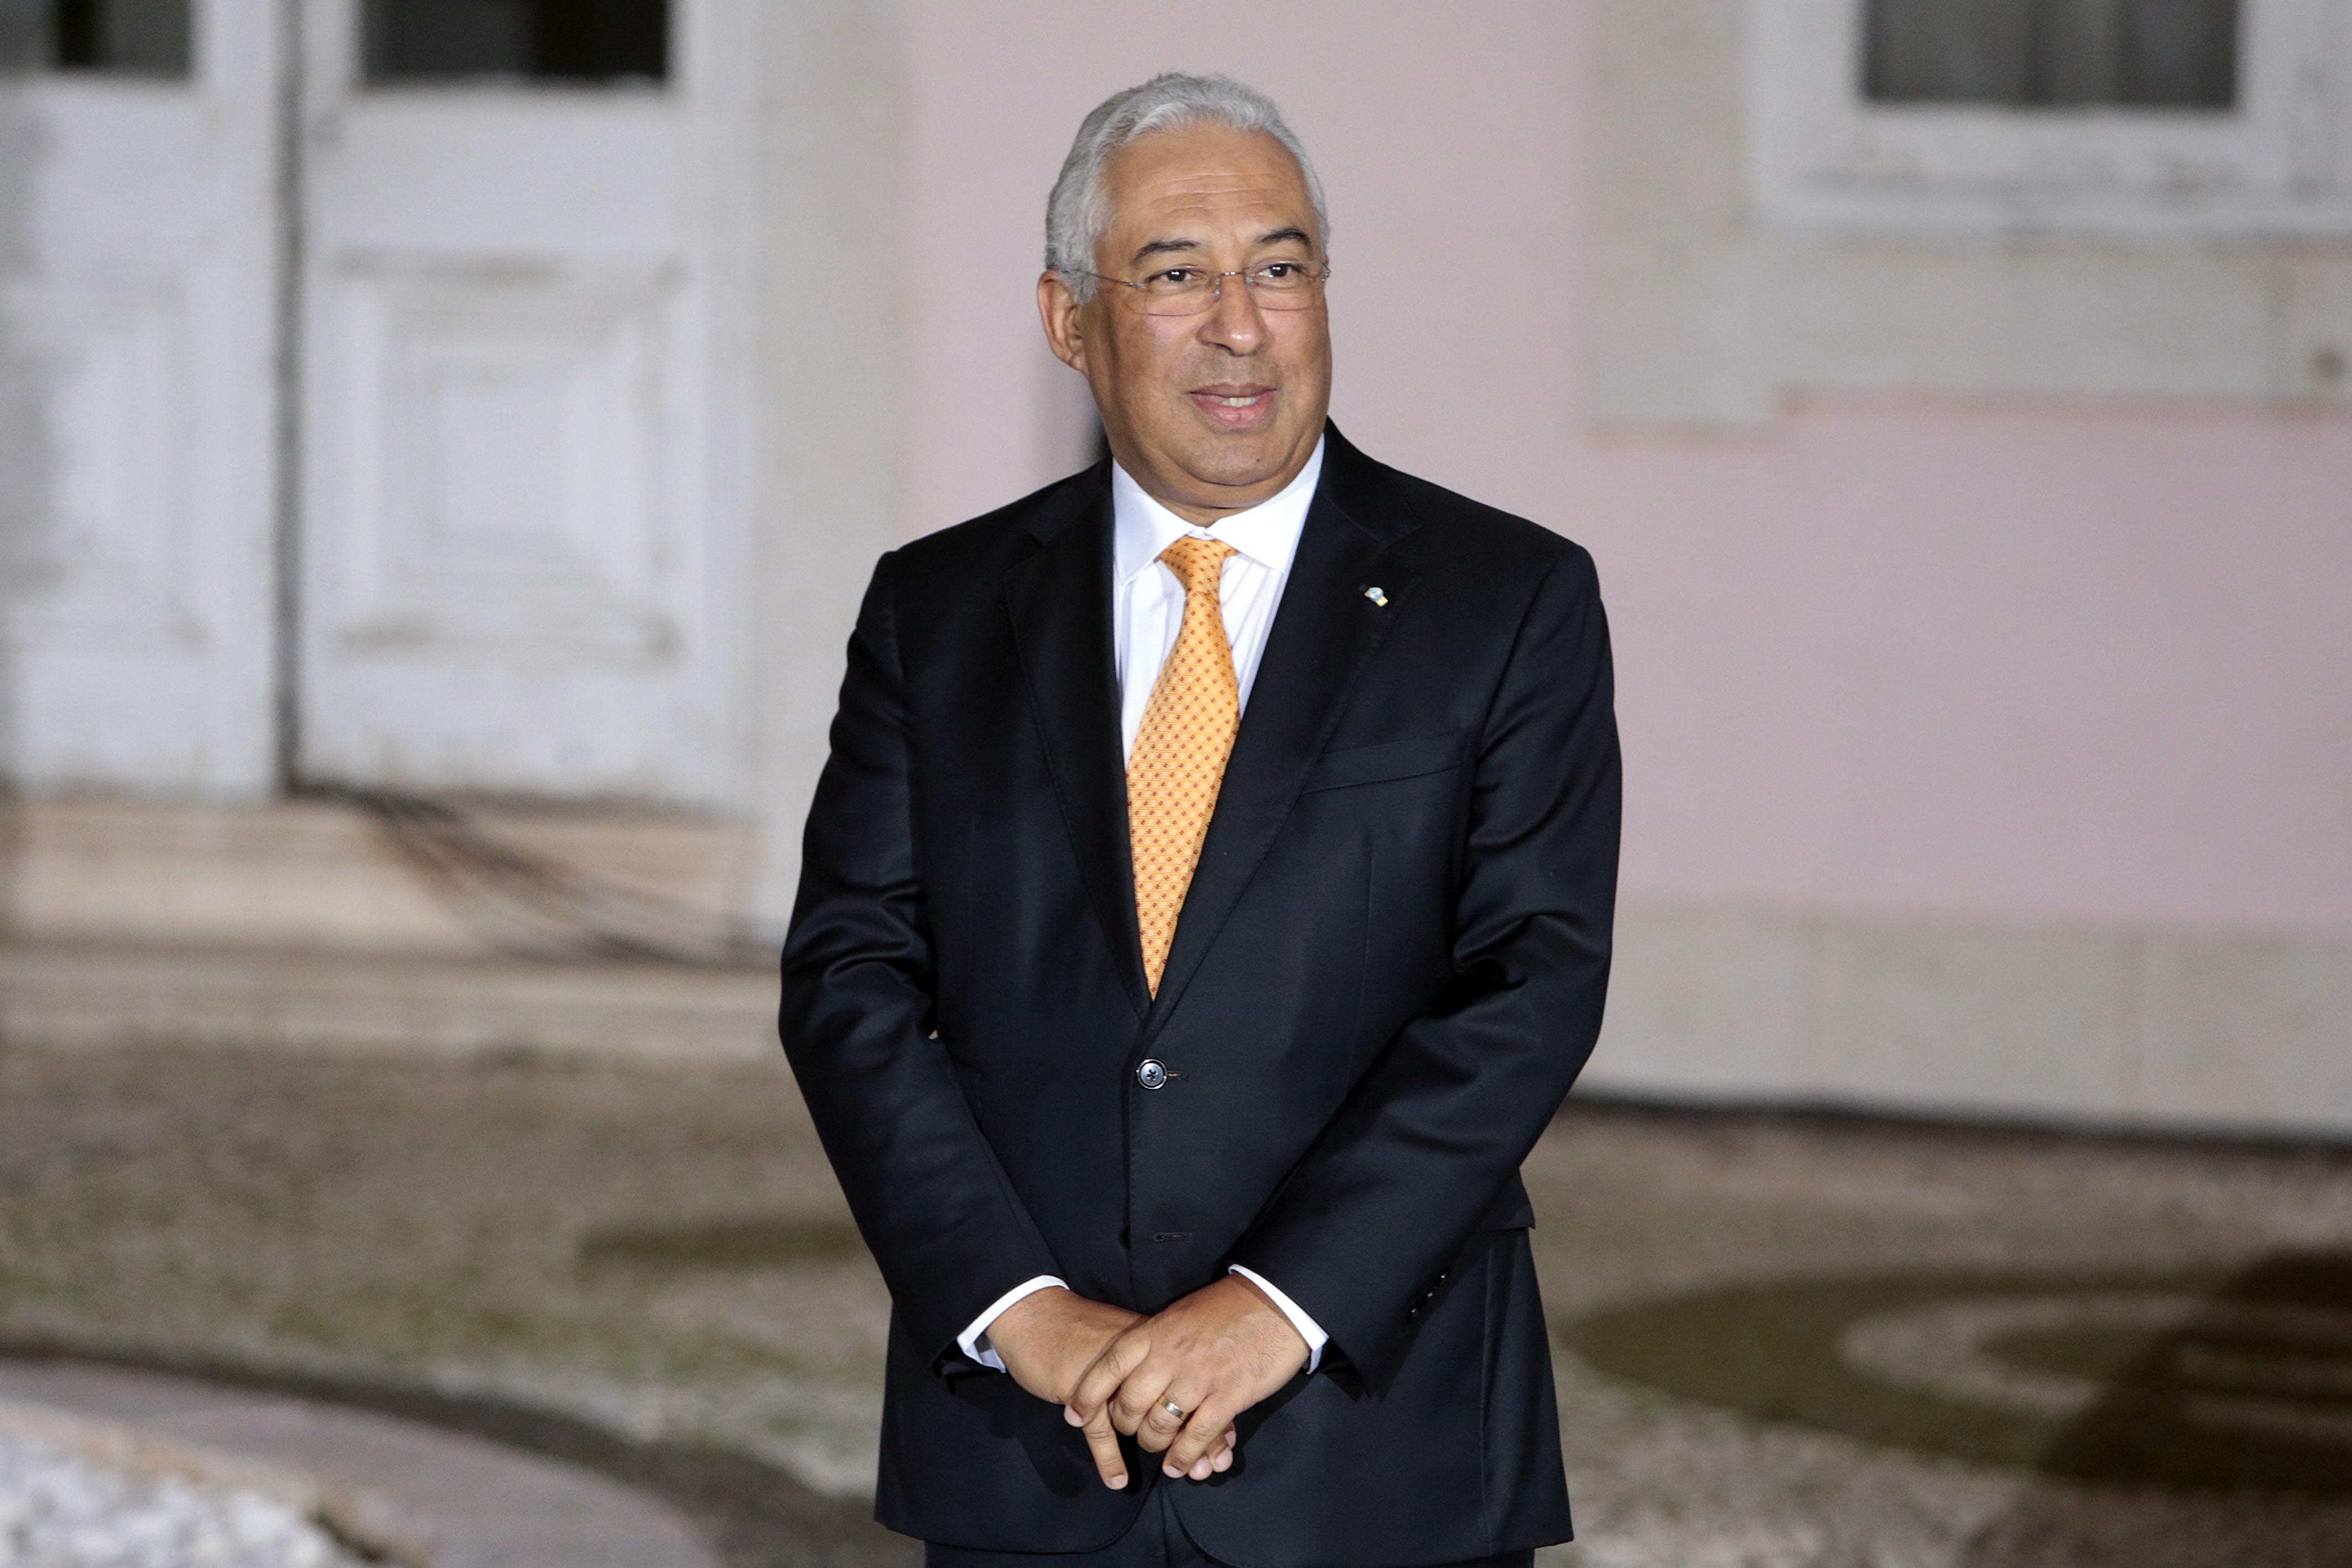 Primeiro-ministro socialista beneficia de medidas impostas pelo antecessor do PSD, Passos Coelho / Gtres